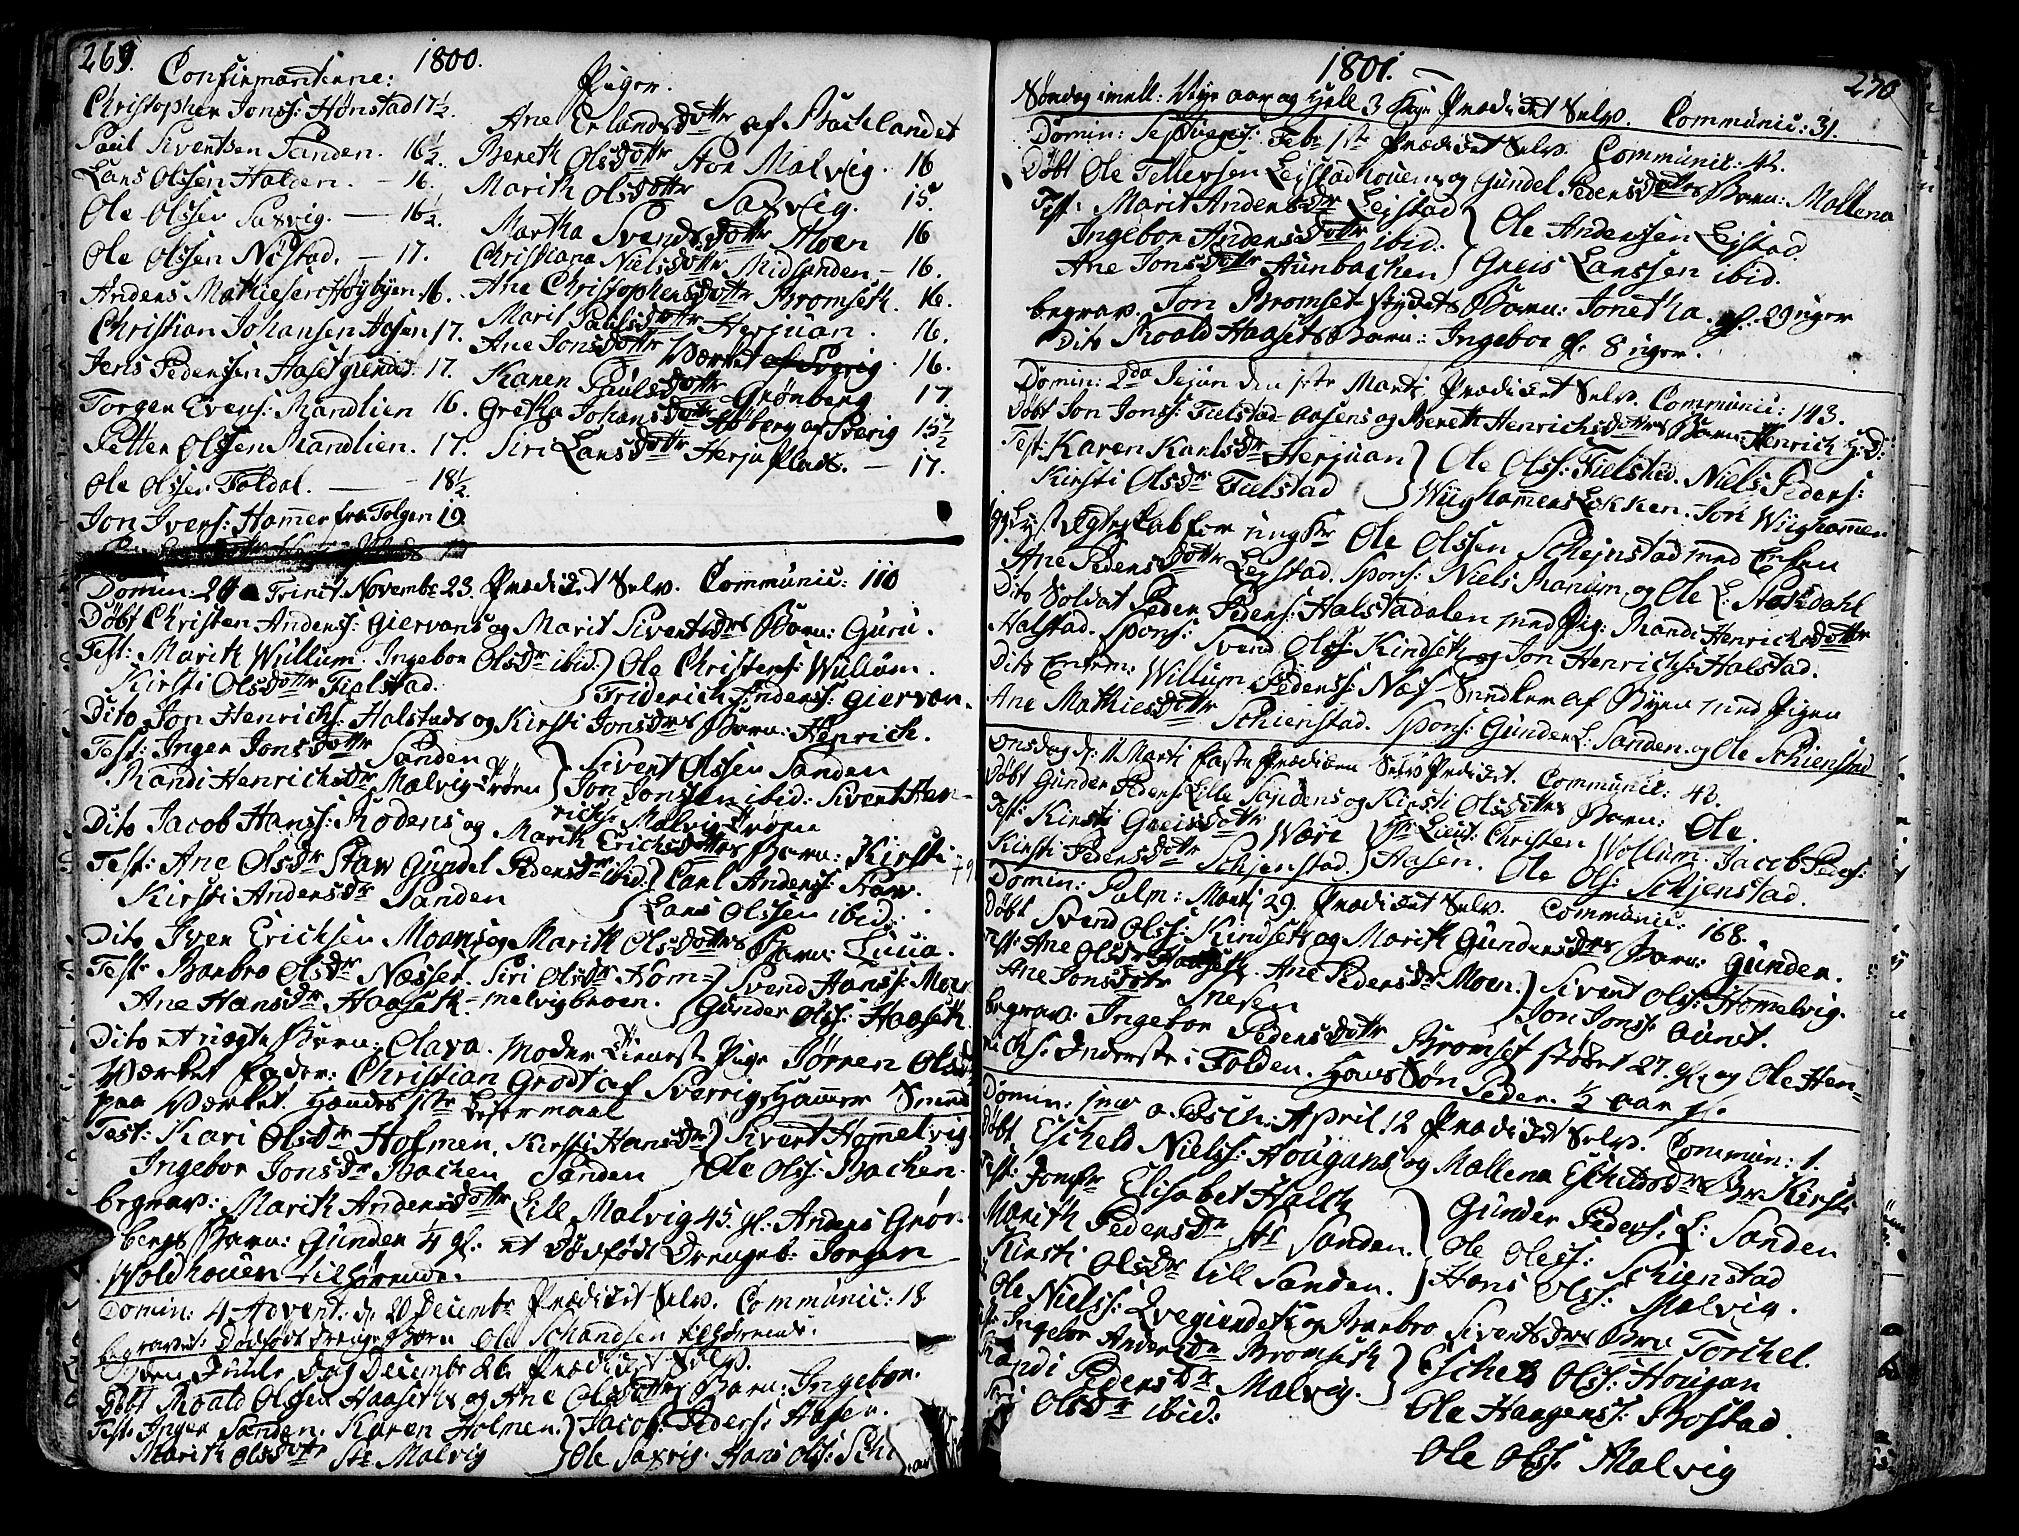 SAT, Ministerialprotokoller, klokkerbøker og fødselsregistre - Sør-Trøndelag, 606/L0281: Ministerialbok nr. 606A02 /2, 1781-1817, s. 269-270